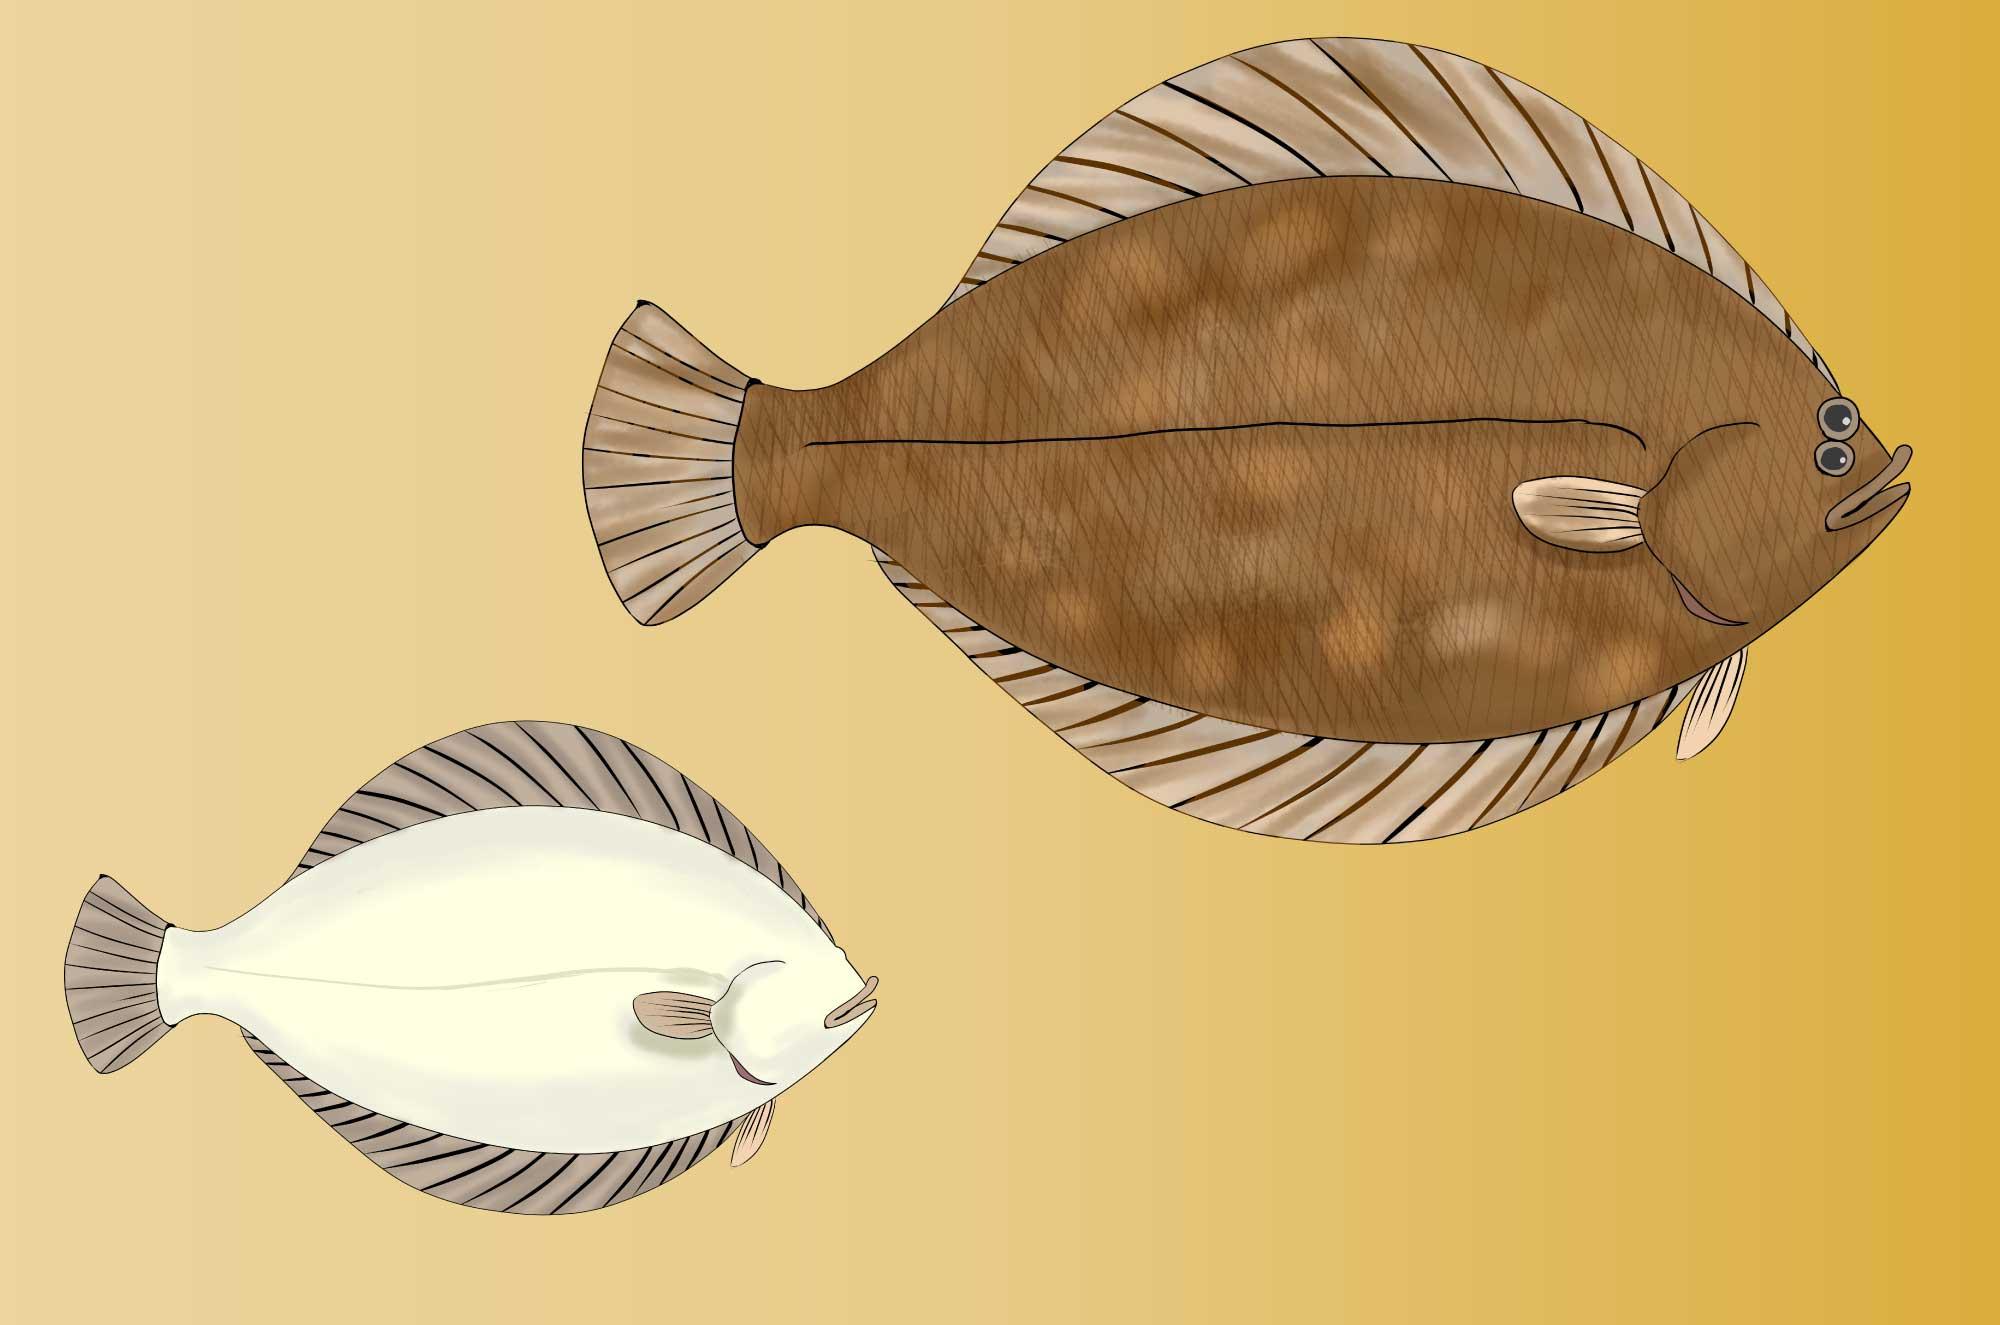 カレイのイラスト 手書き白黒の魚無料素材 チコデザ